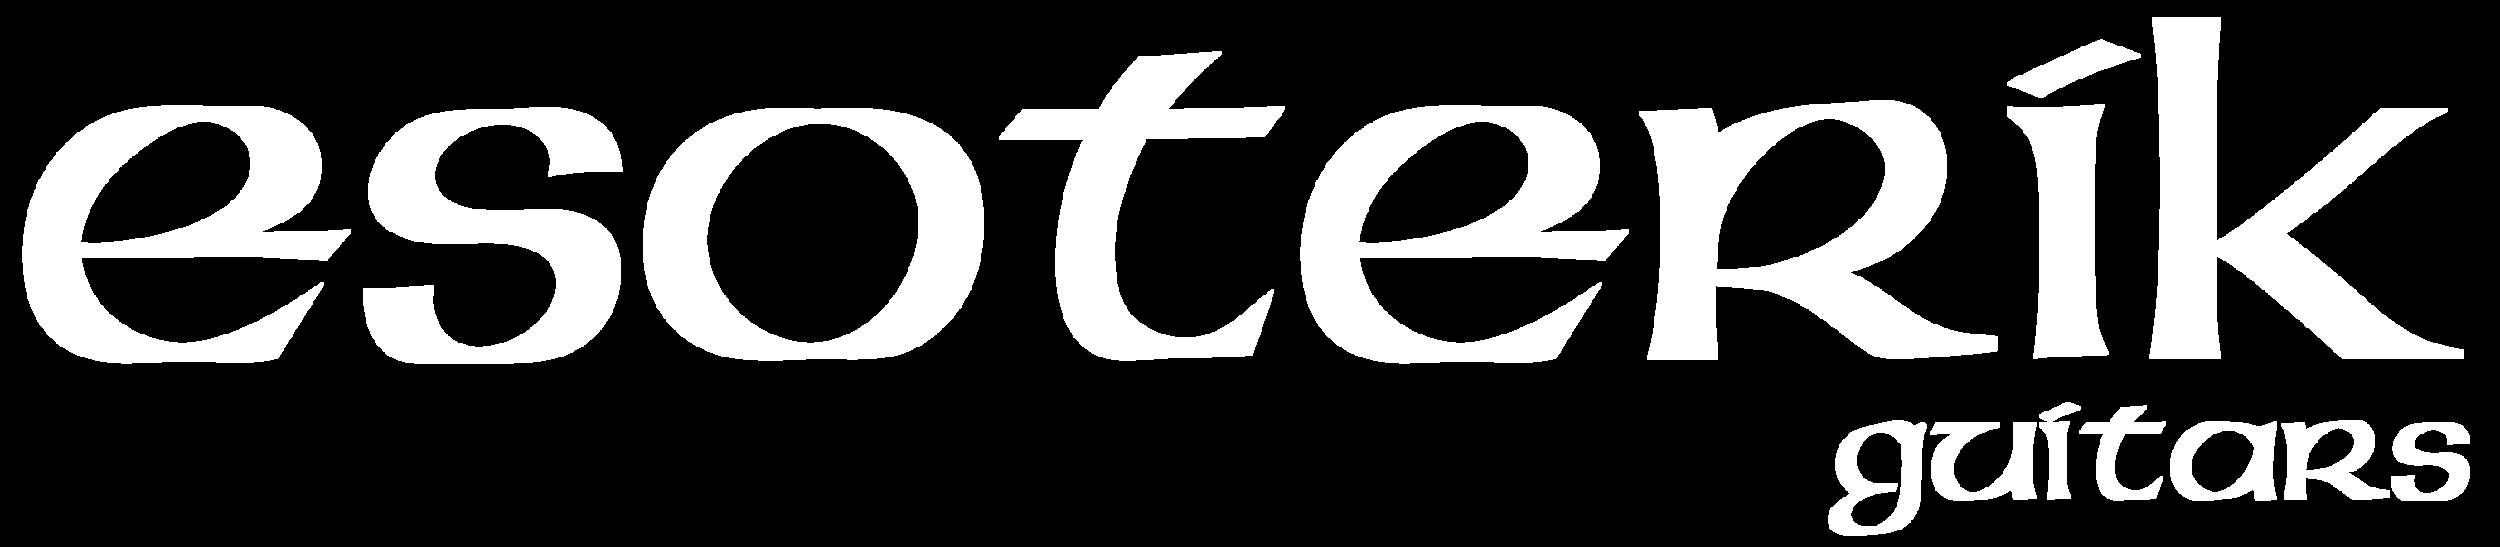 esoterik_logo_white_2758x604.png